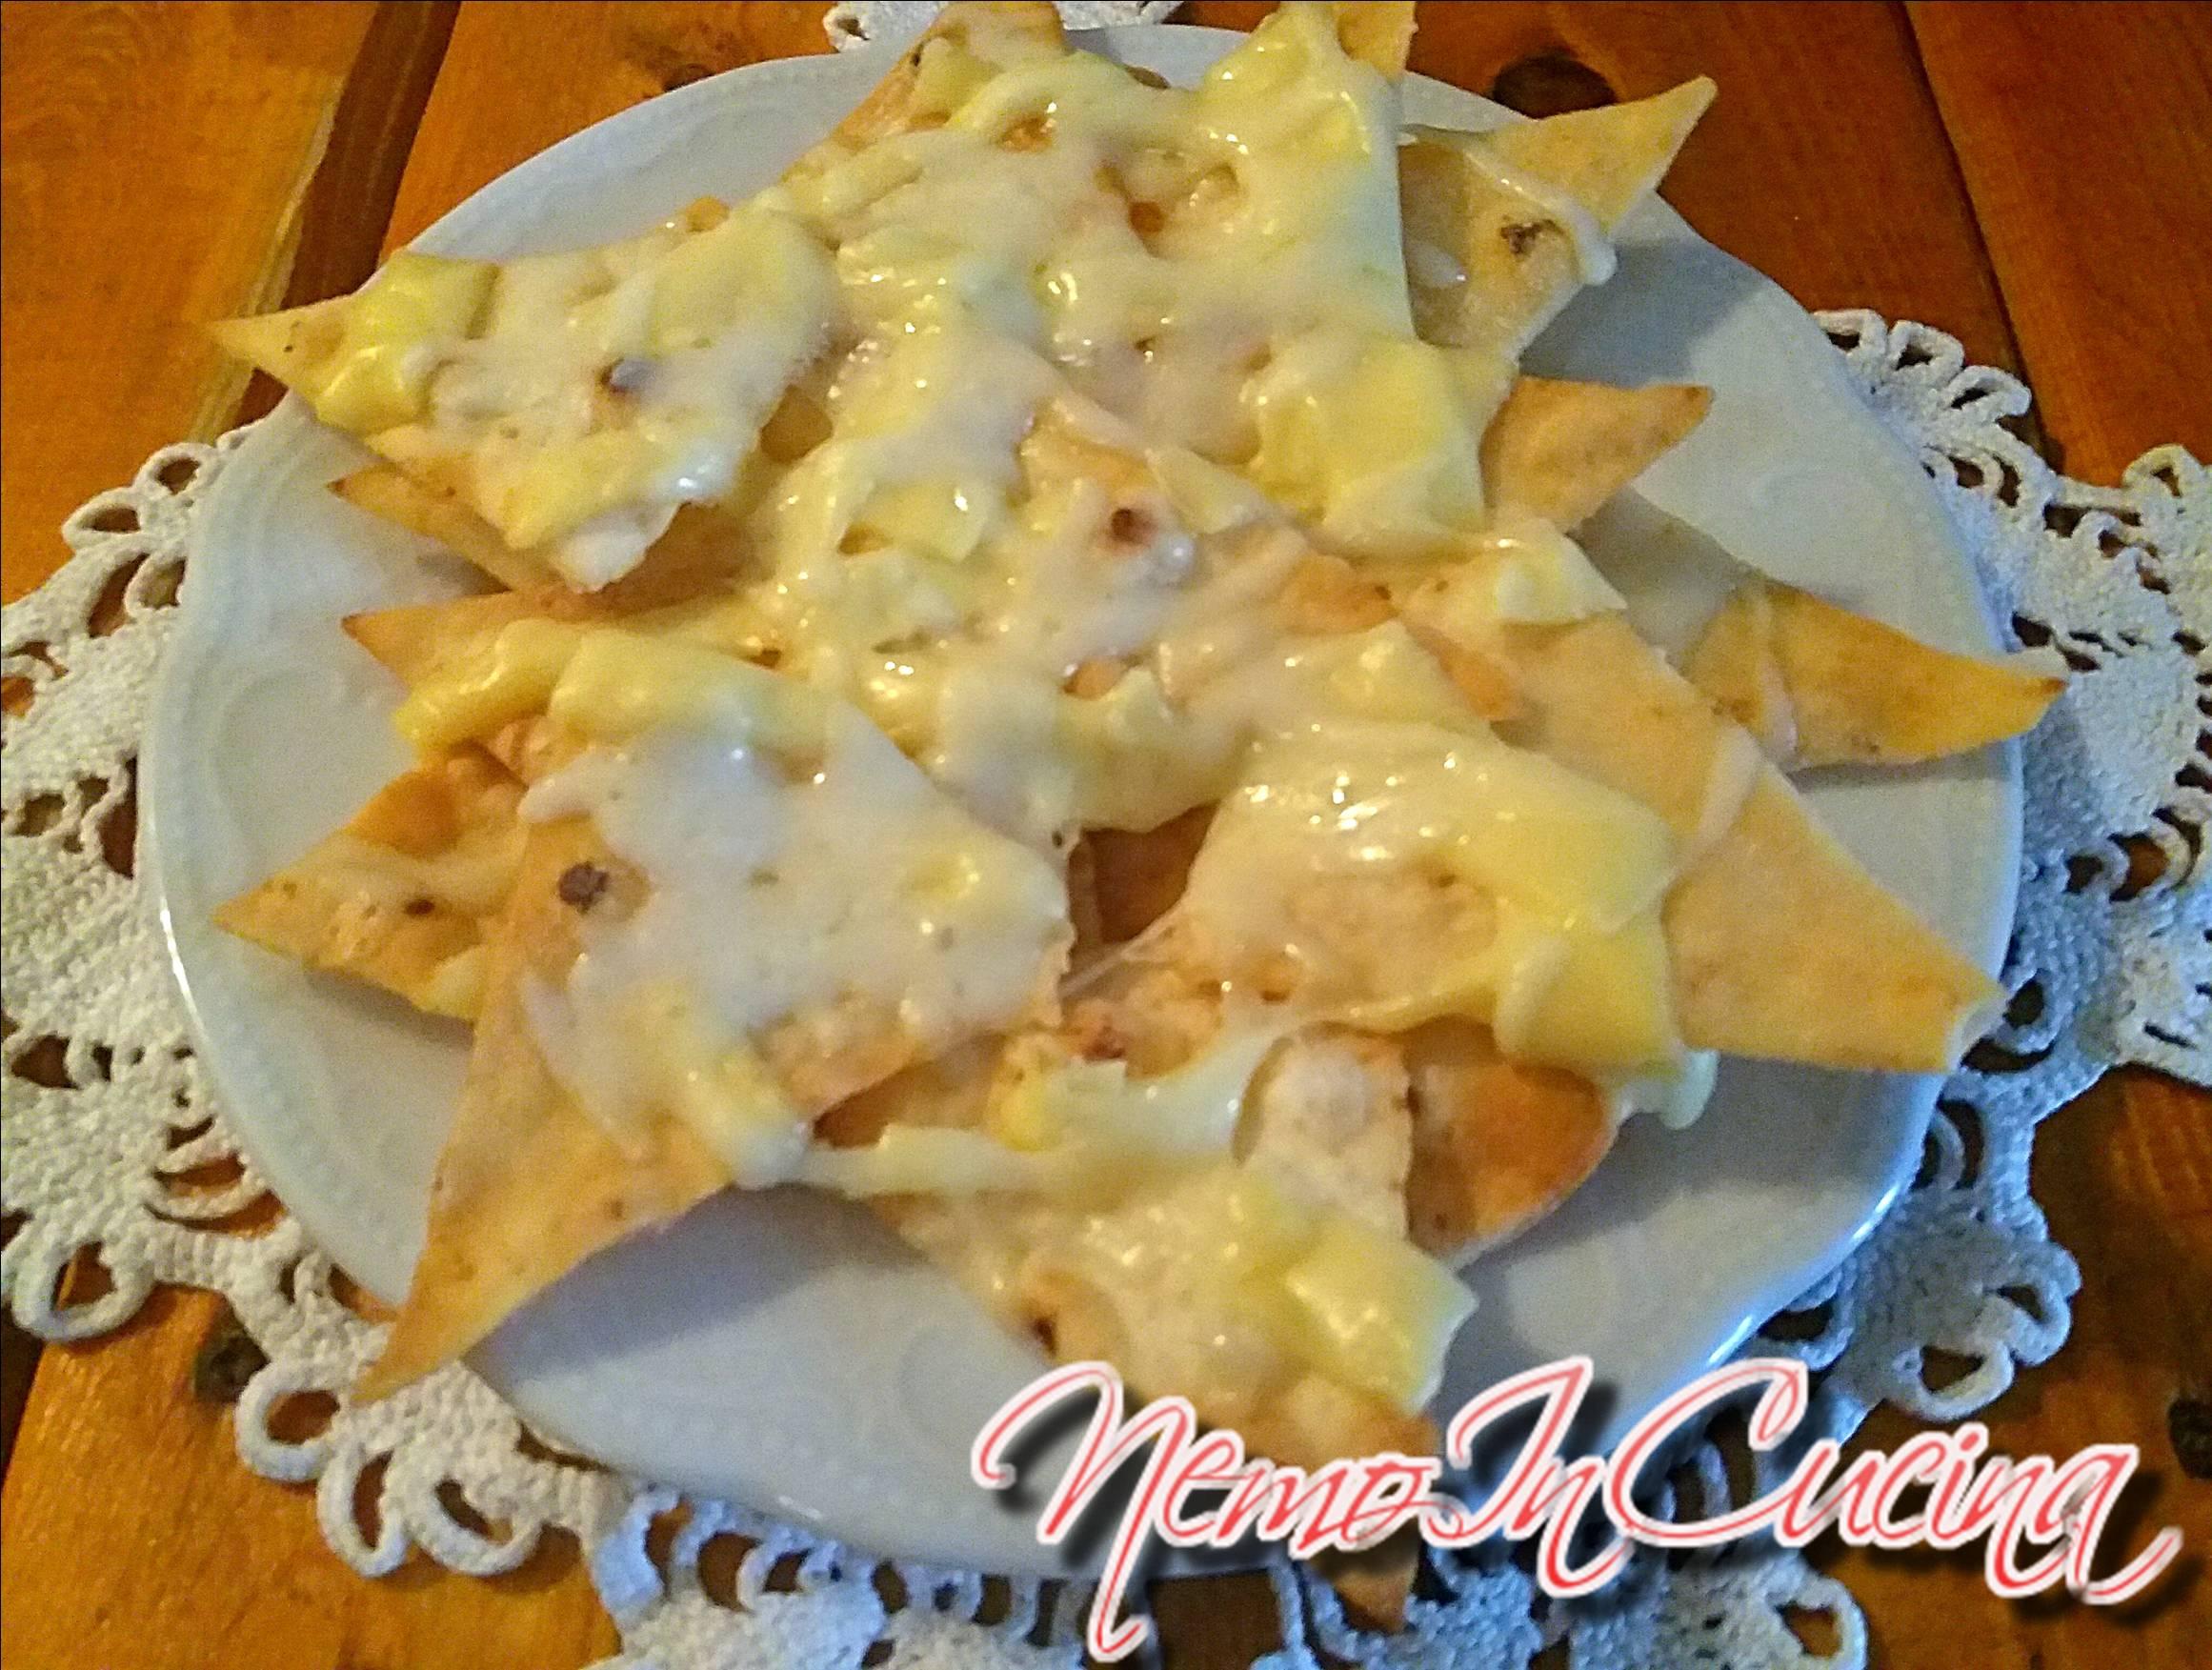 Ricetta Nachos Senza Glutine.Nachos Senza Glutine Nemoincucina